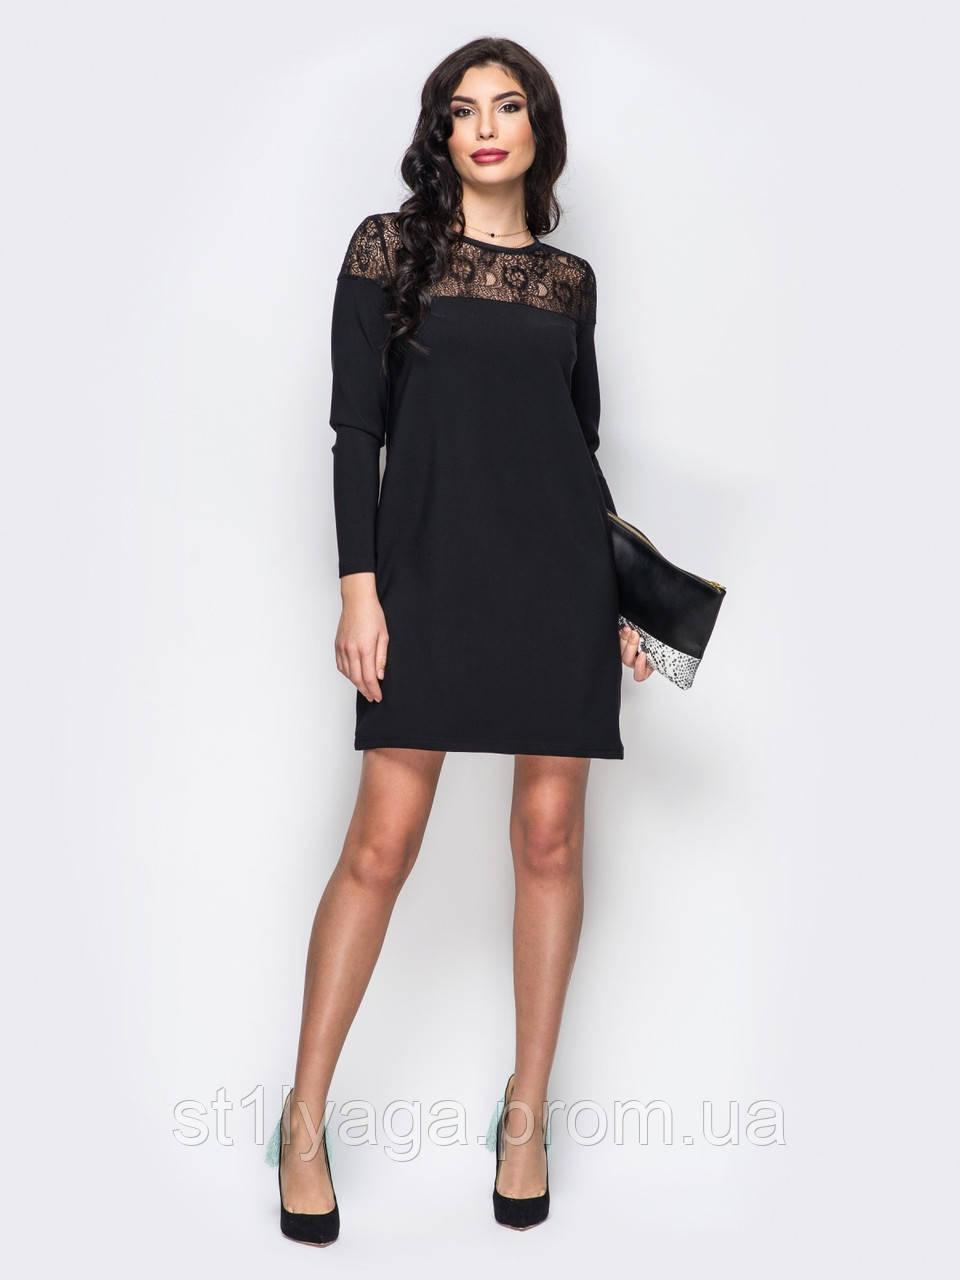 Вечернее  платье мини с кружевом и длинными рукавами черный размер 48